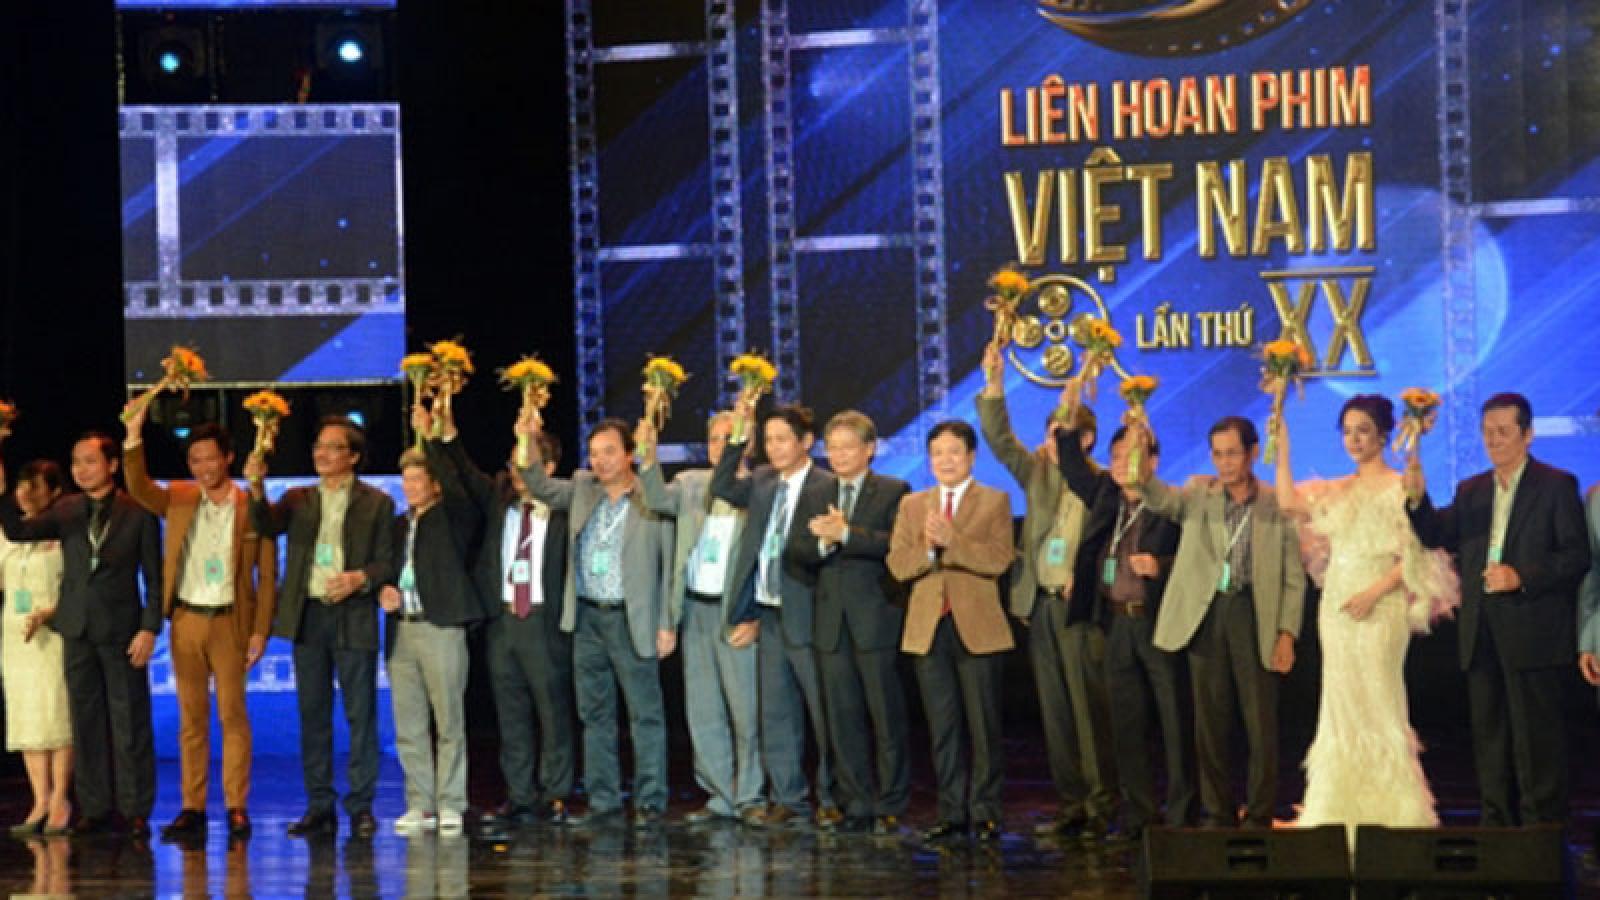 Vietnam Film Festival 2021 slated to begin on September 12